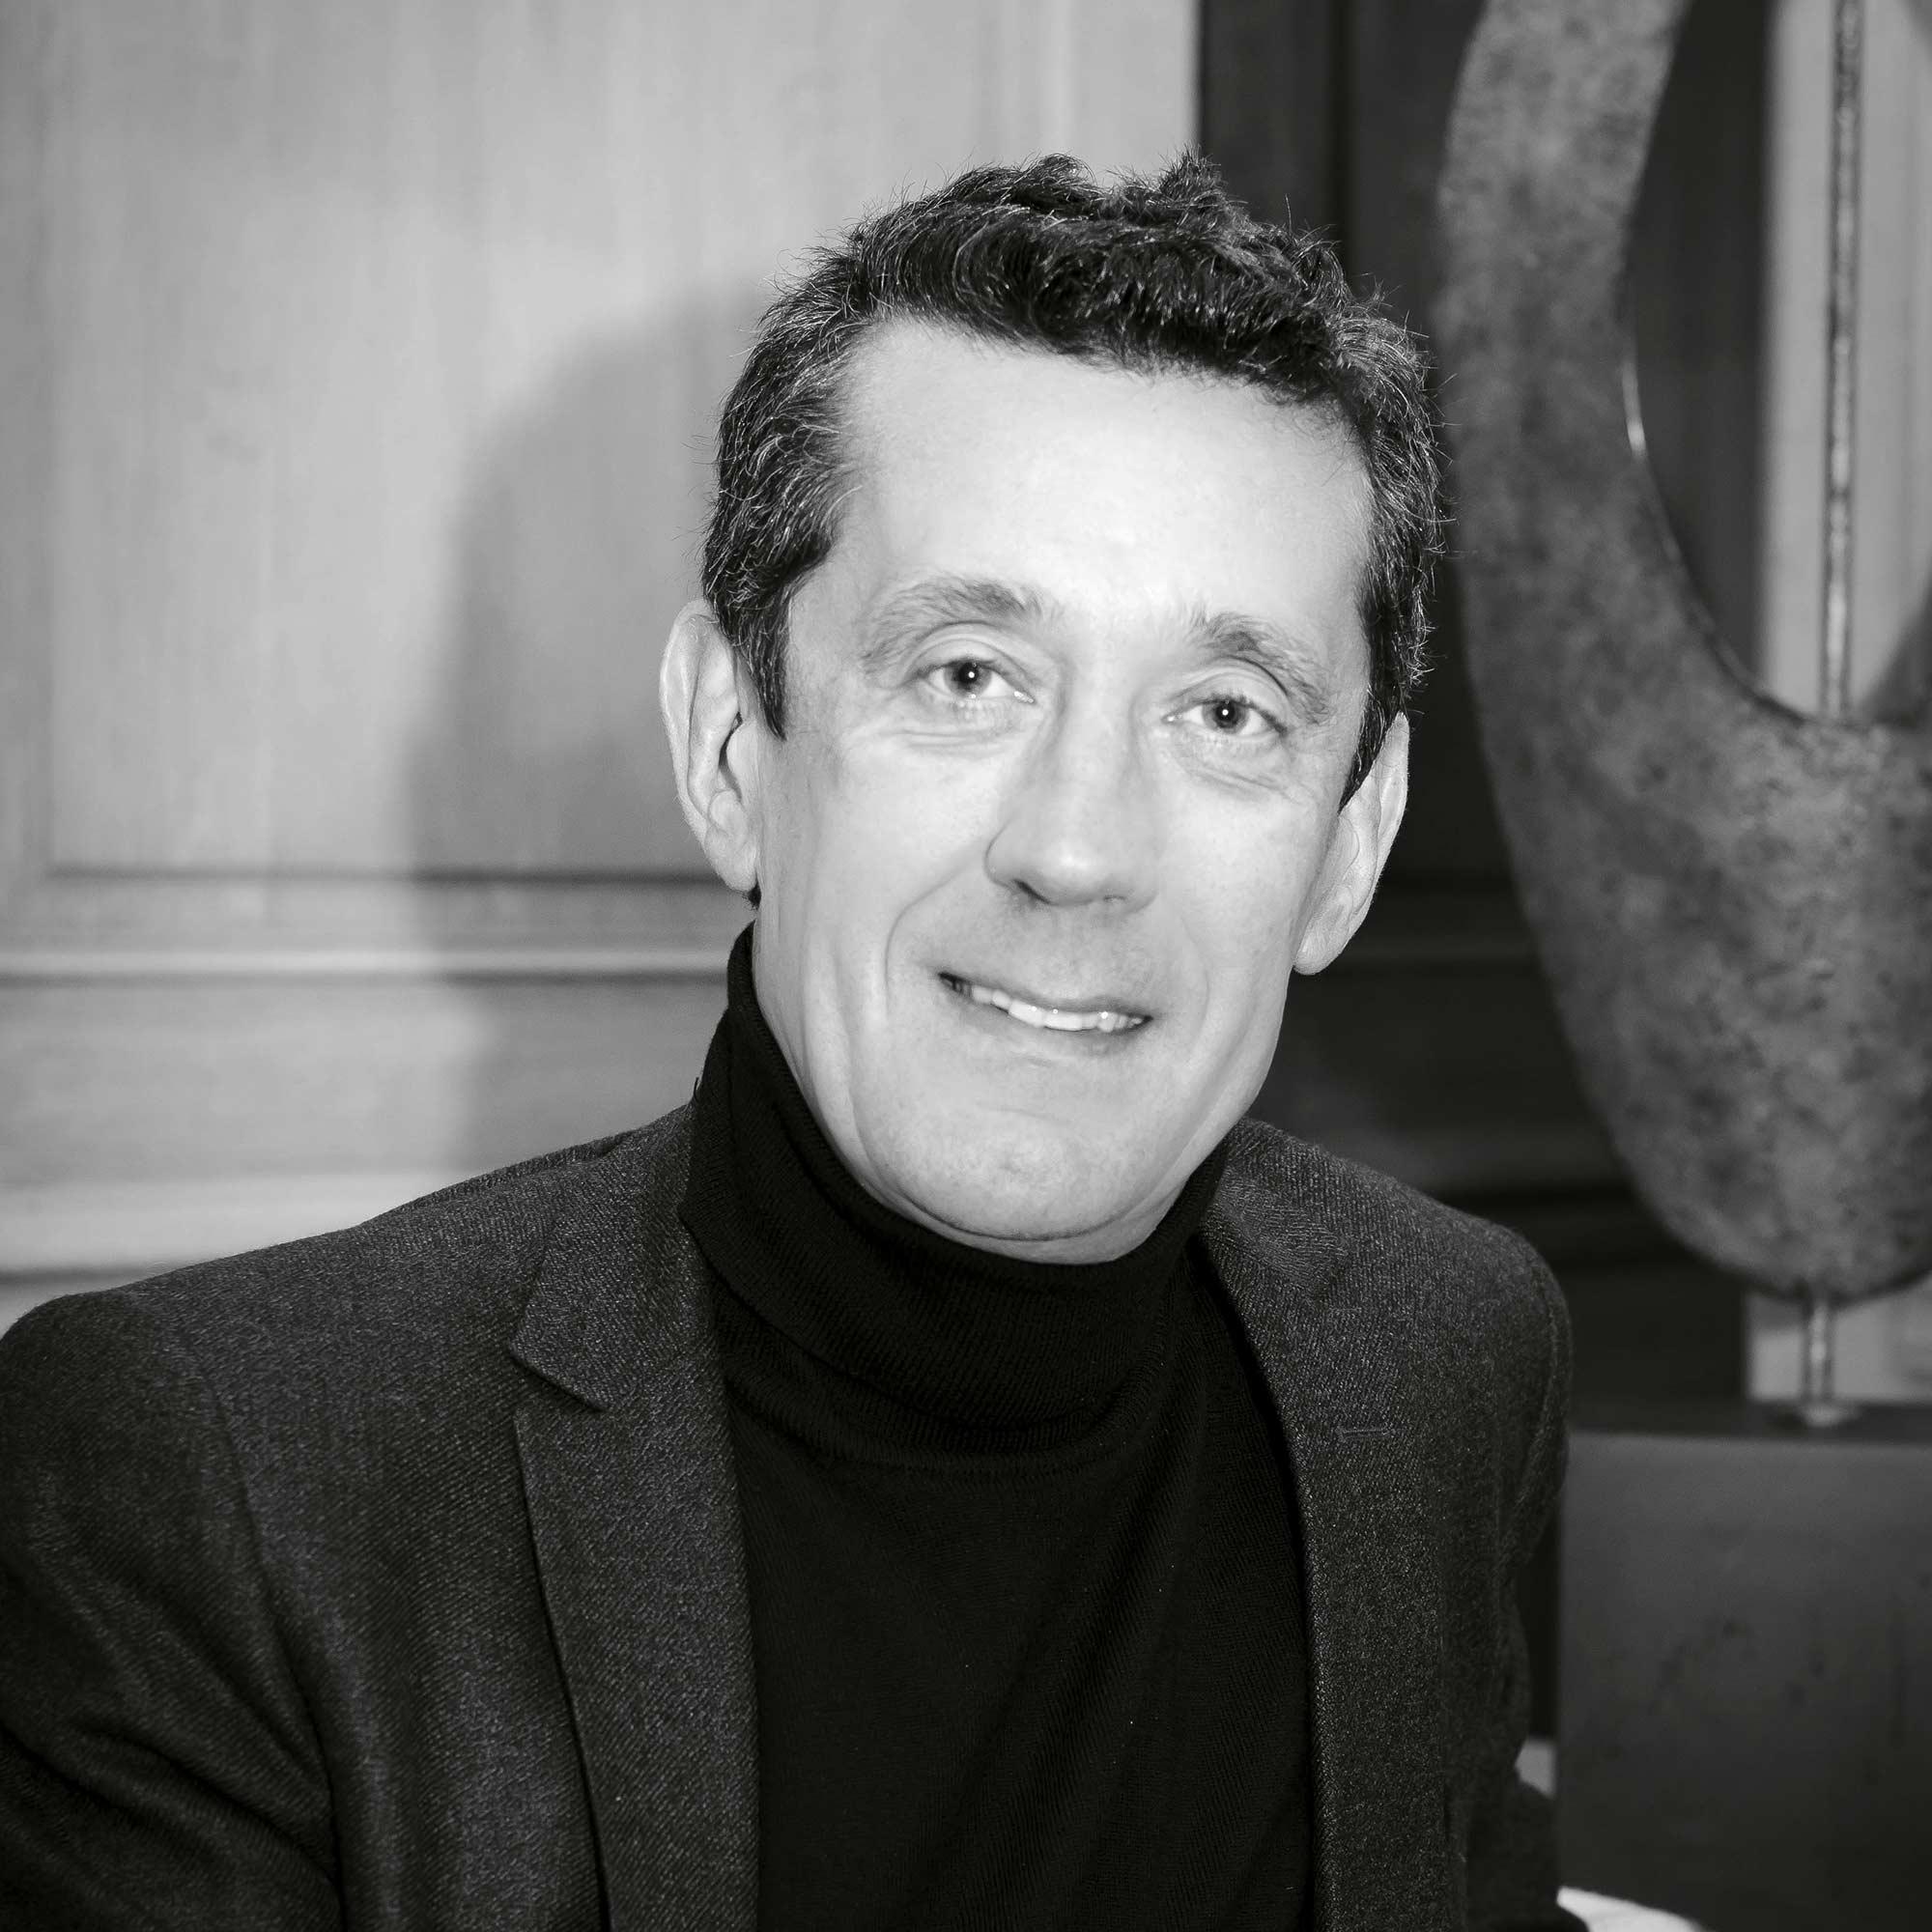 Photo portrait noir et blanc d'un homme en blazer et col roulé noir